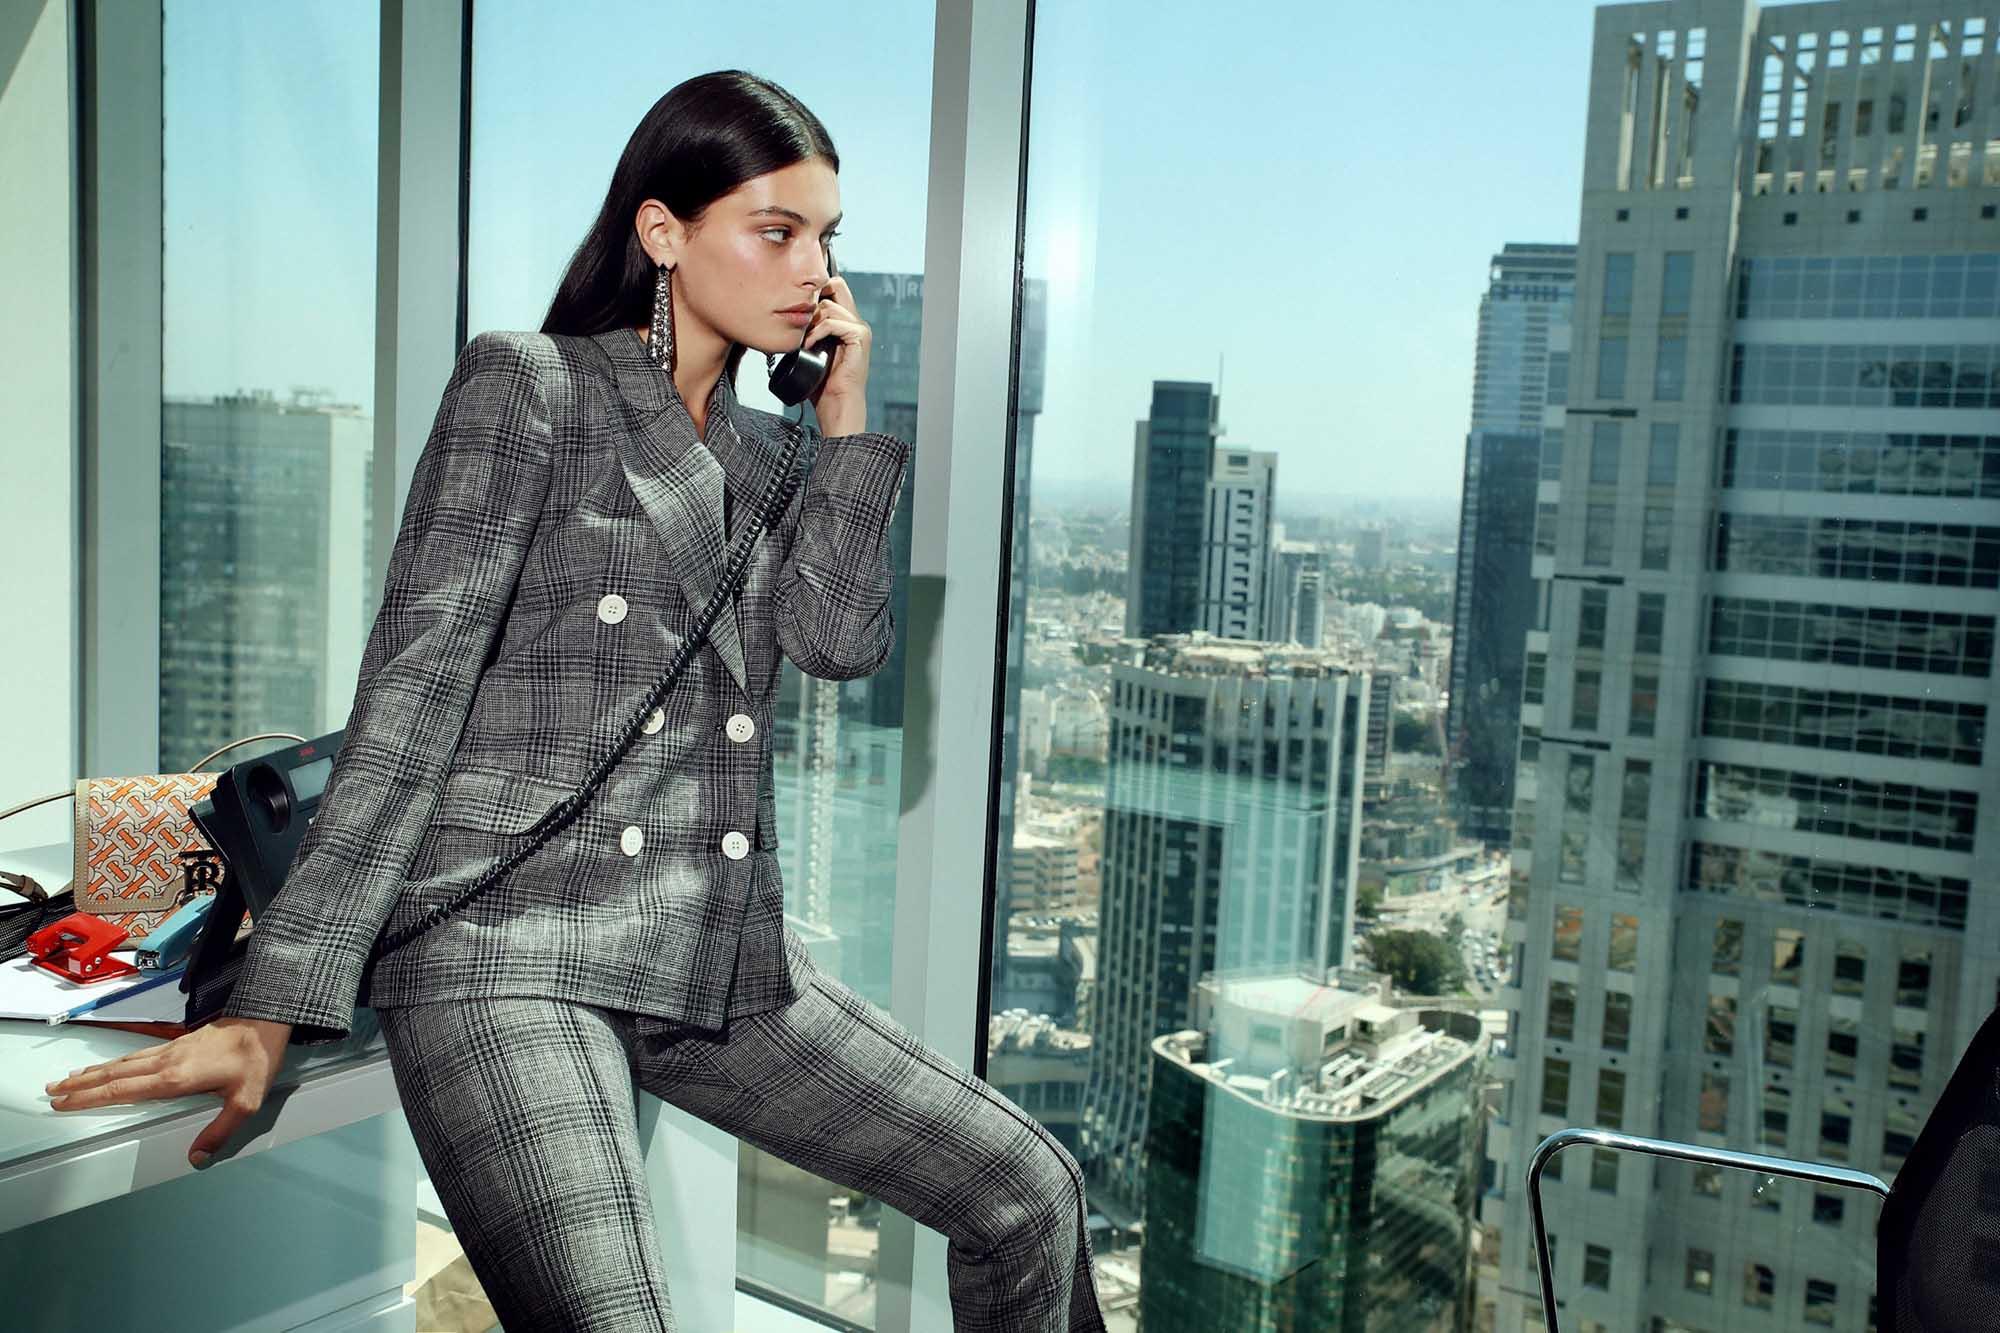 אופנה, fashion, מגזין אופנה, fashion magazine' factory54, אייל נבו, בר רפאלי, מאי תגר, מוניקה ג'וזף, עדה זמורה - 3